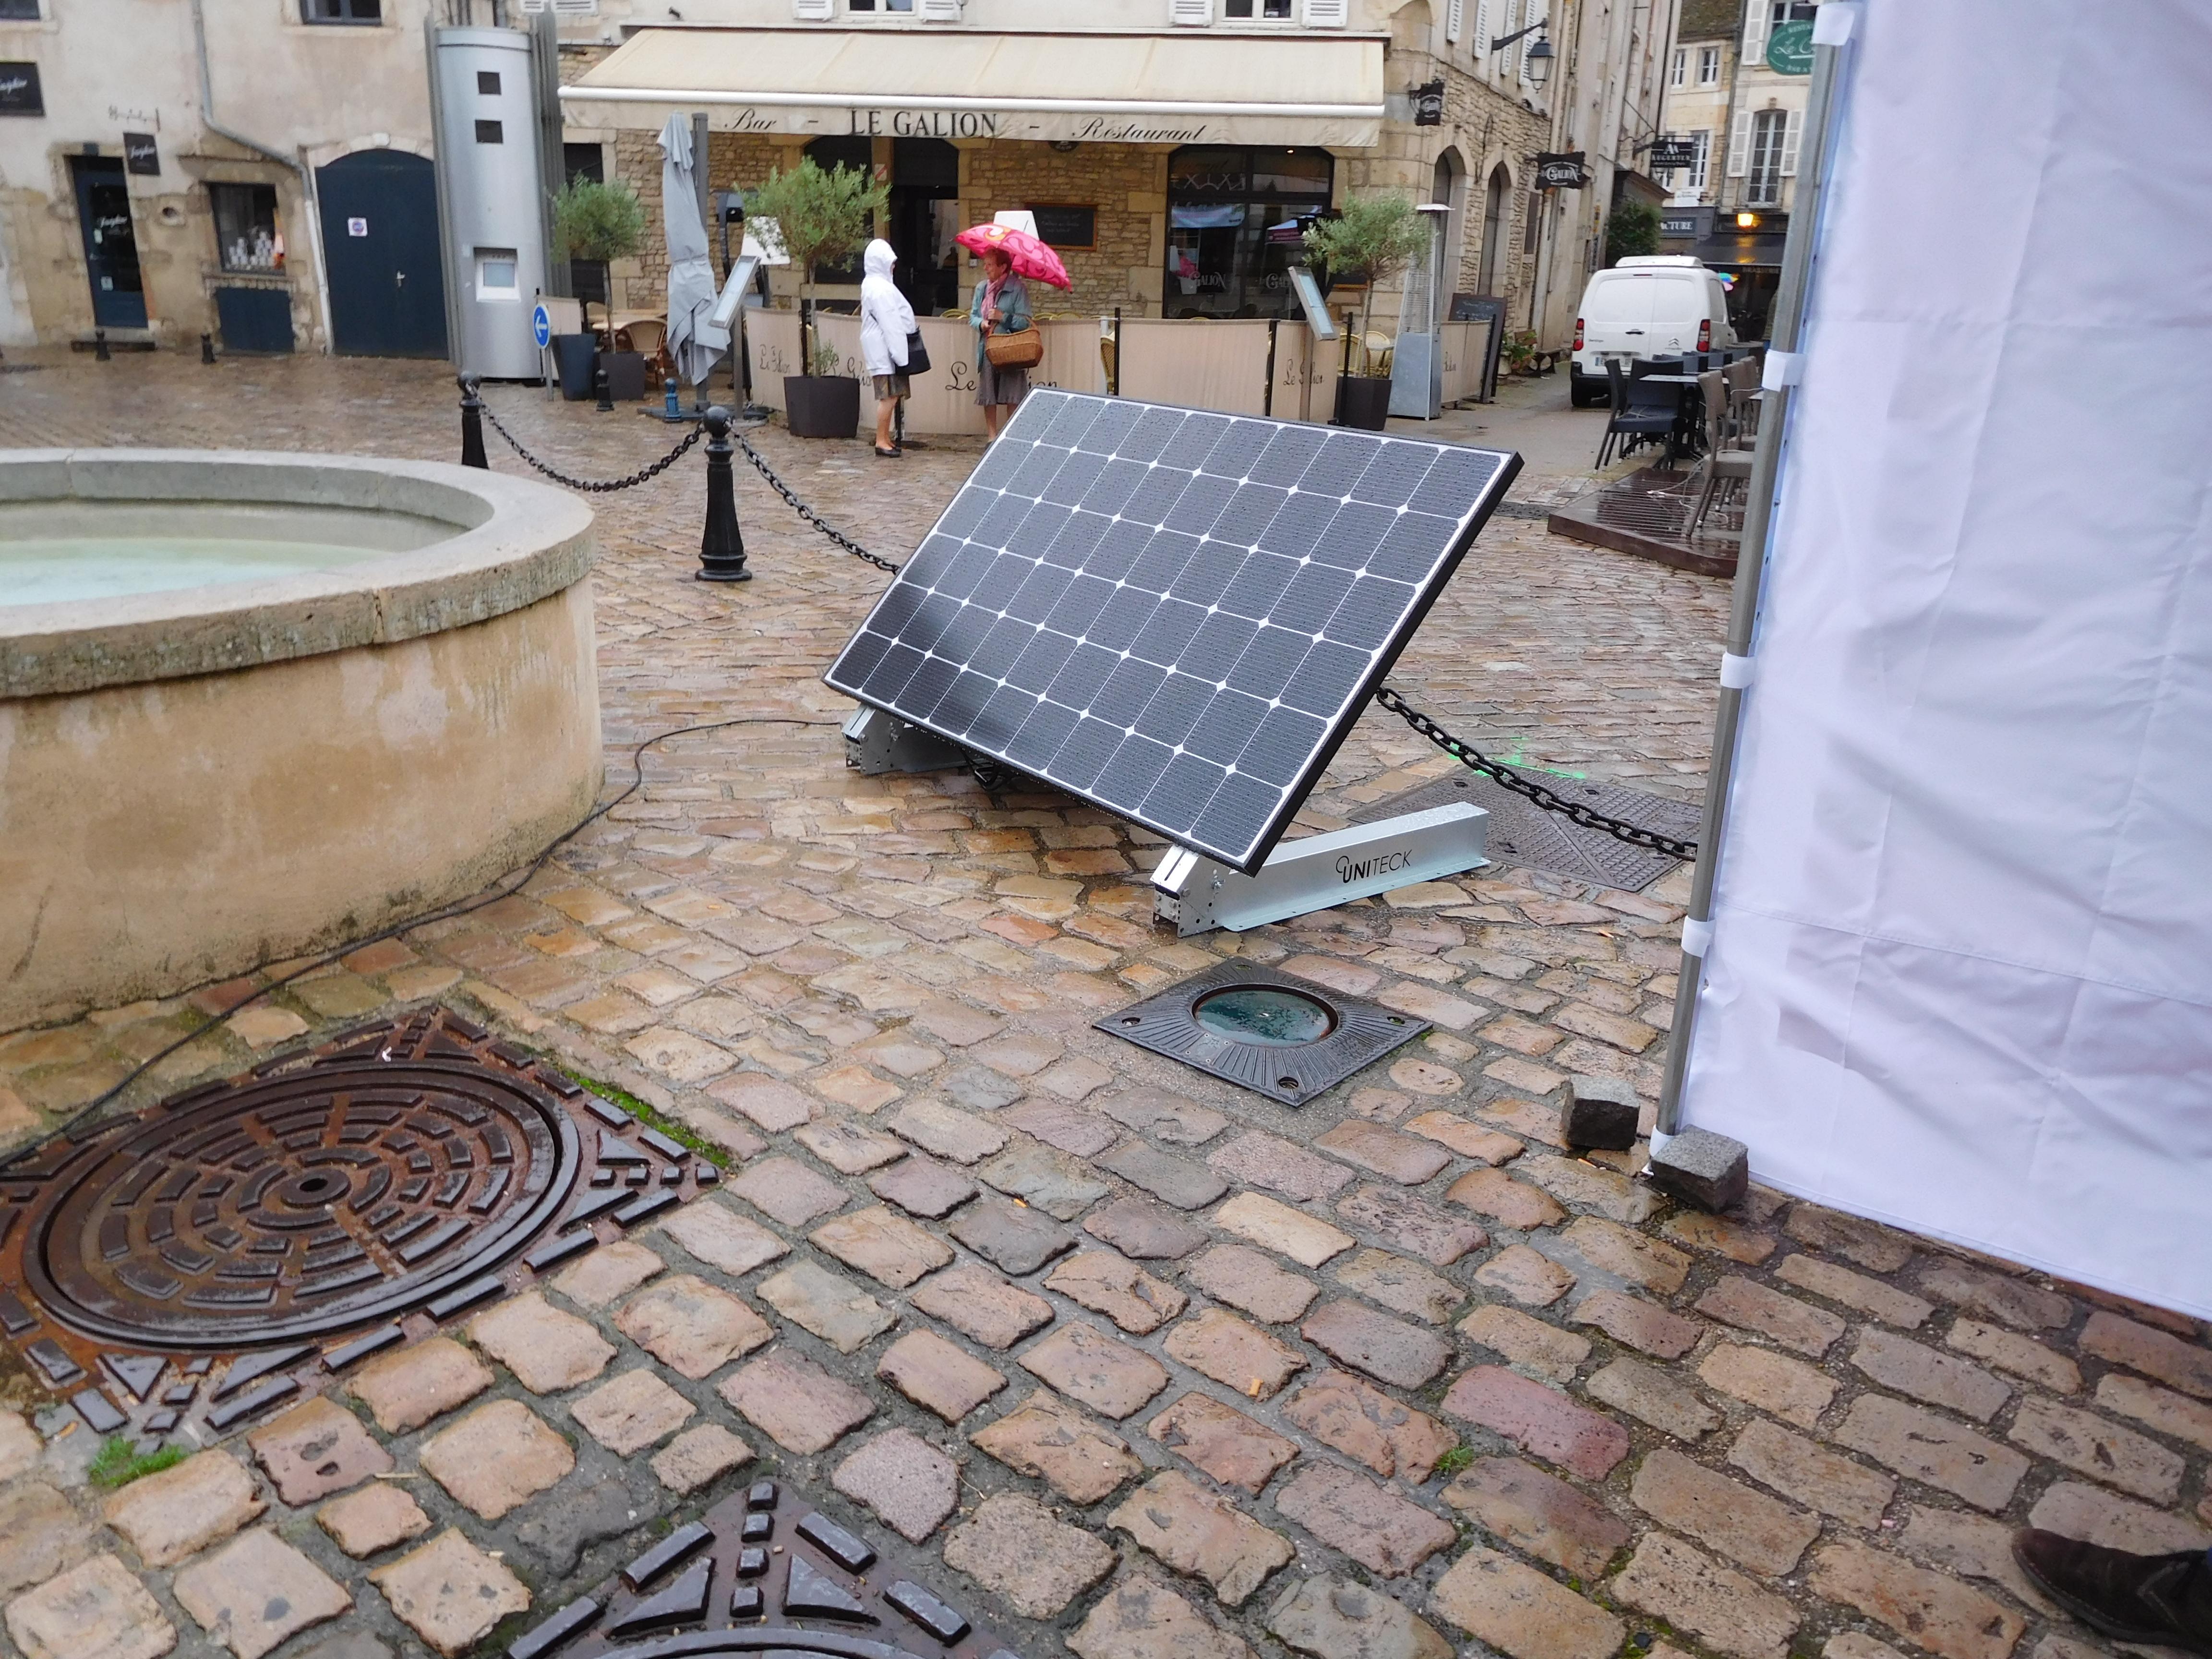 2019-10-19 Fête de l'environnement Beaune-DSCN5838